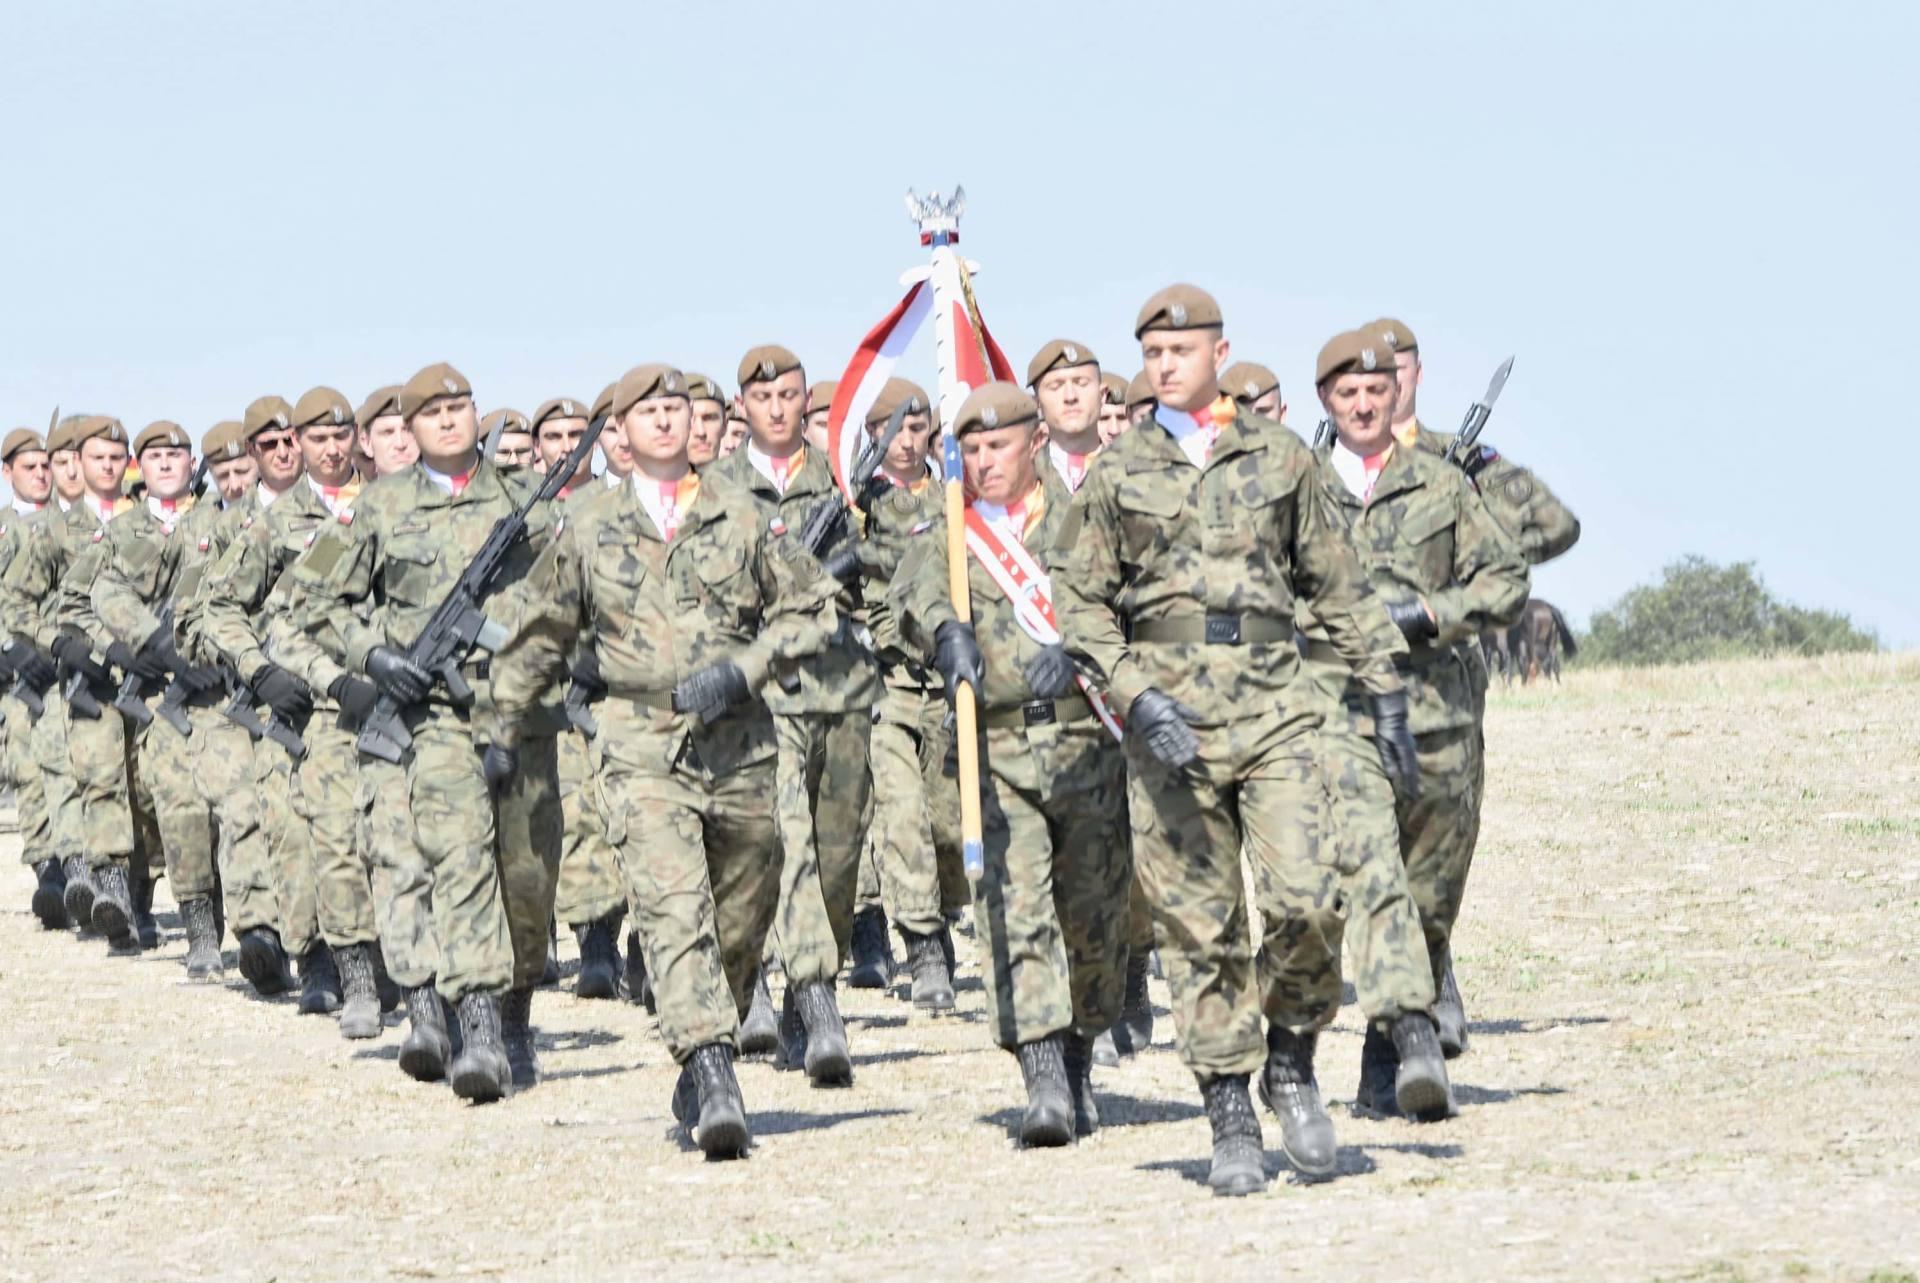 dsc 0579 Czas szabli - 100 rocznica bitwy pod Komarowem(zdjęcia)